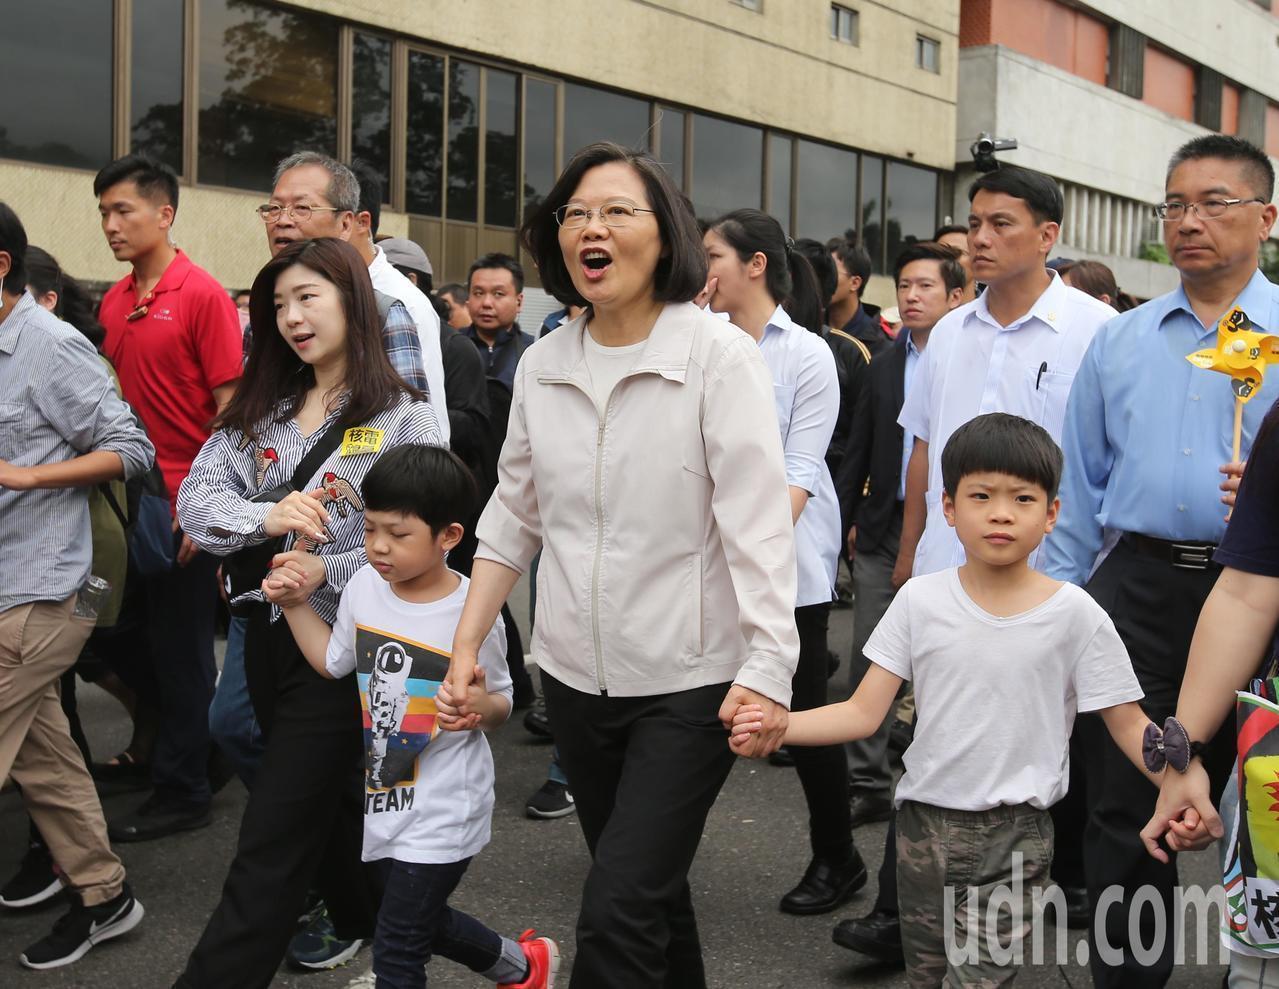 蔡英文總統上個月27日到凱道參加廢核大遊行,重申台灣不會缺電,一定會達成走向非核...